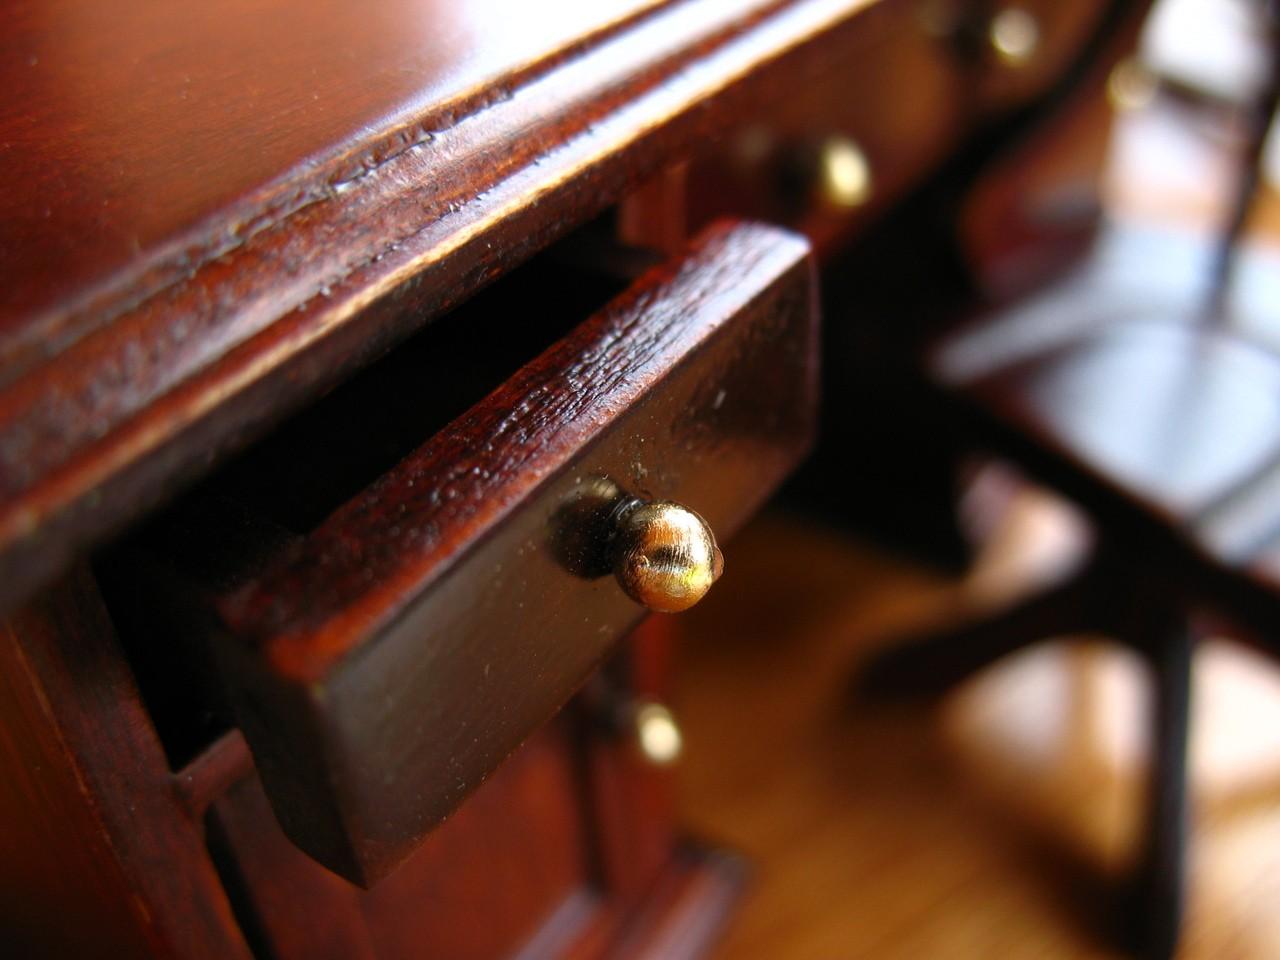 W jaki sposób odnowić drewniane meble?